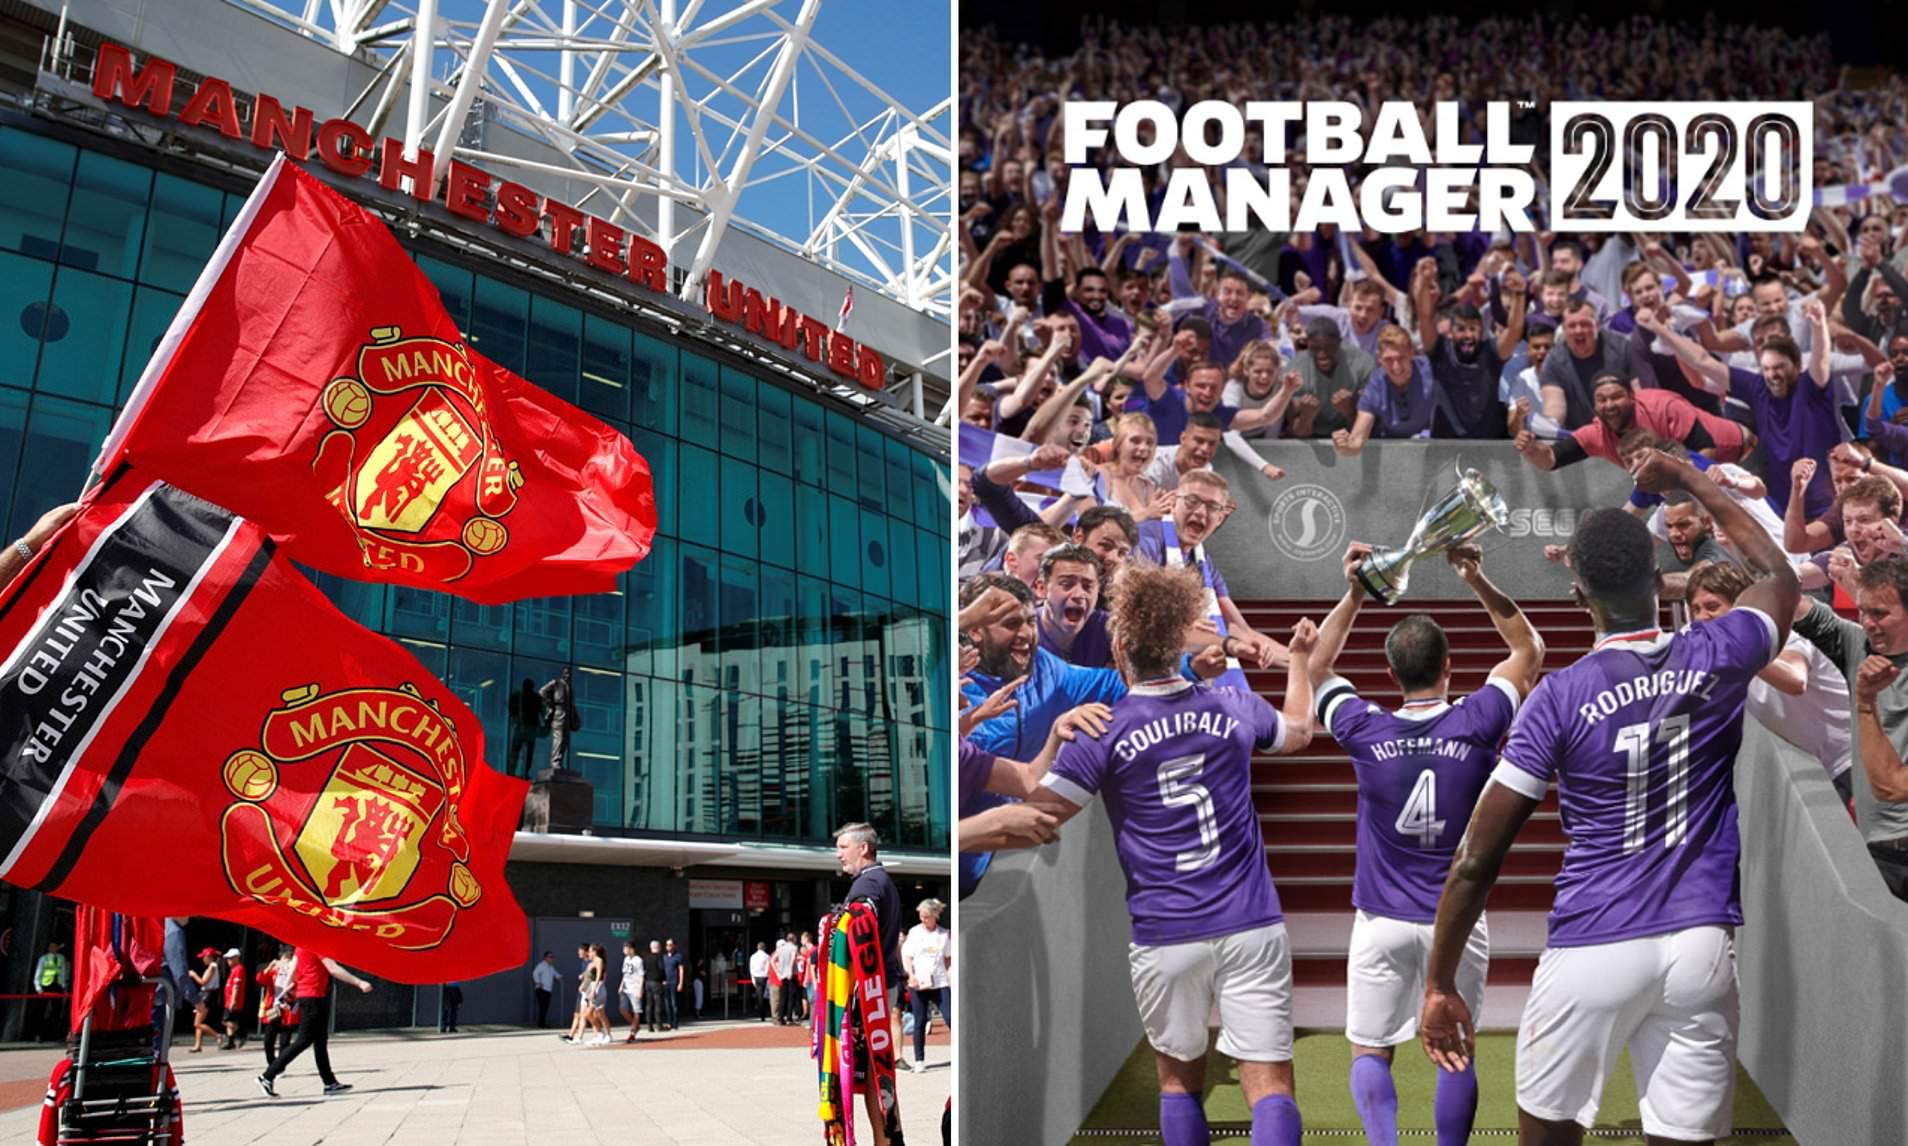 Αλλάζει όνομα η Manchester United στο Football Manager 2022!